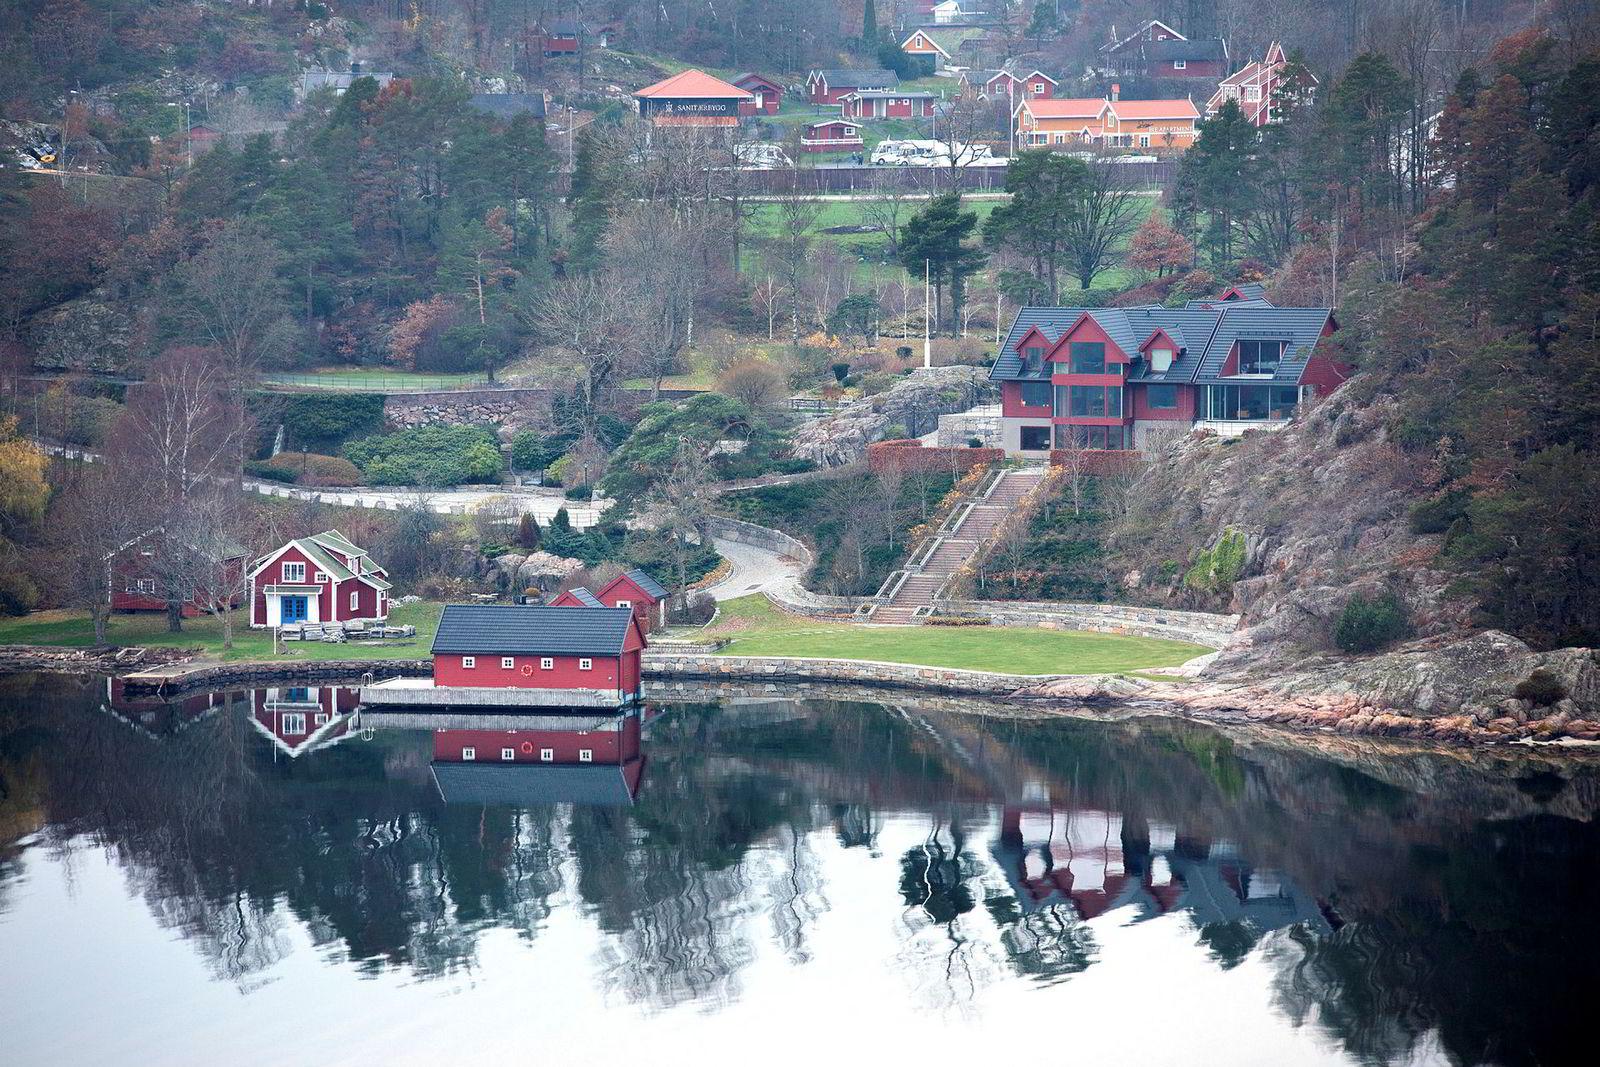 Holdt utenfor tvangssalget. Huset og eiendommen til kraft-traderen Einar Aas på Naxbie, Grimstad.